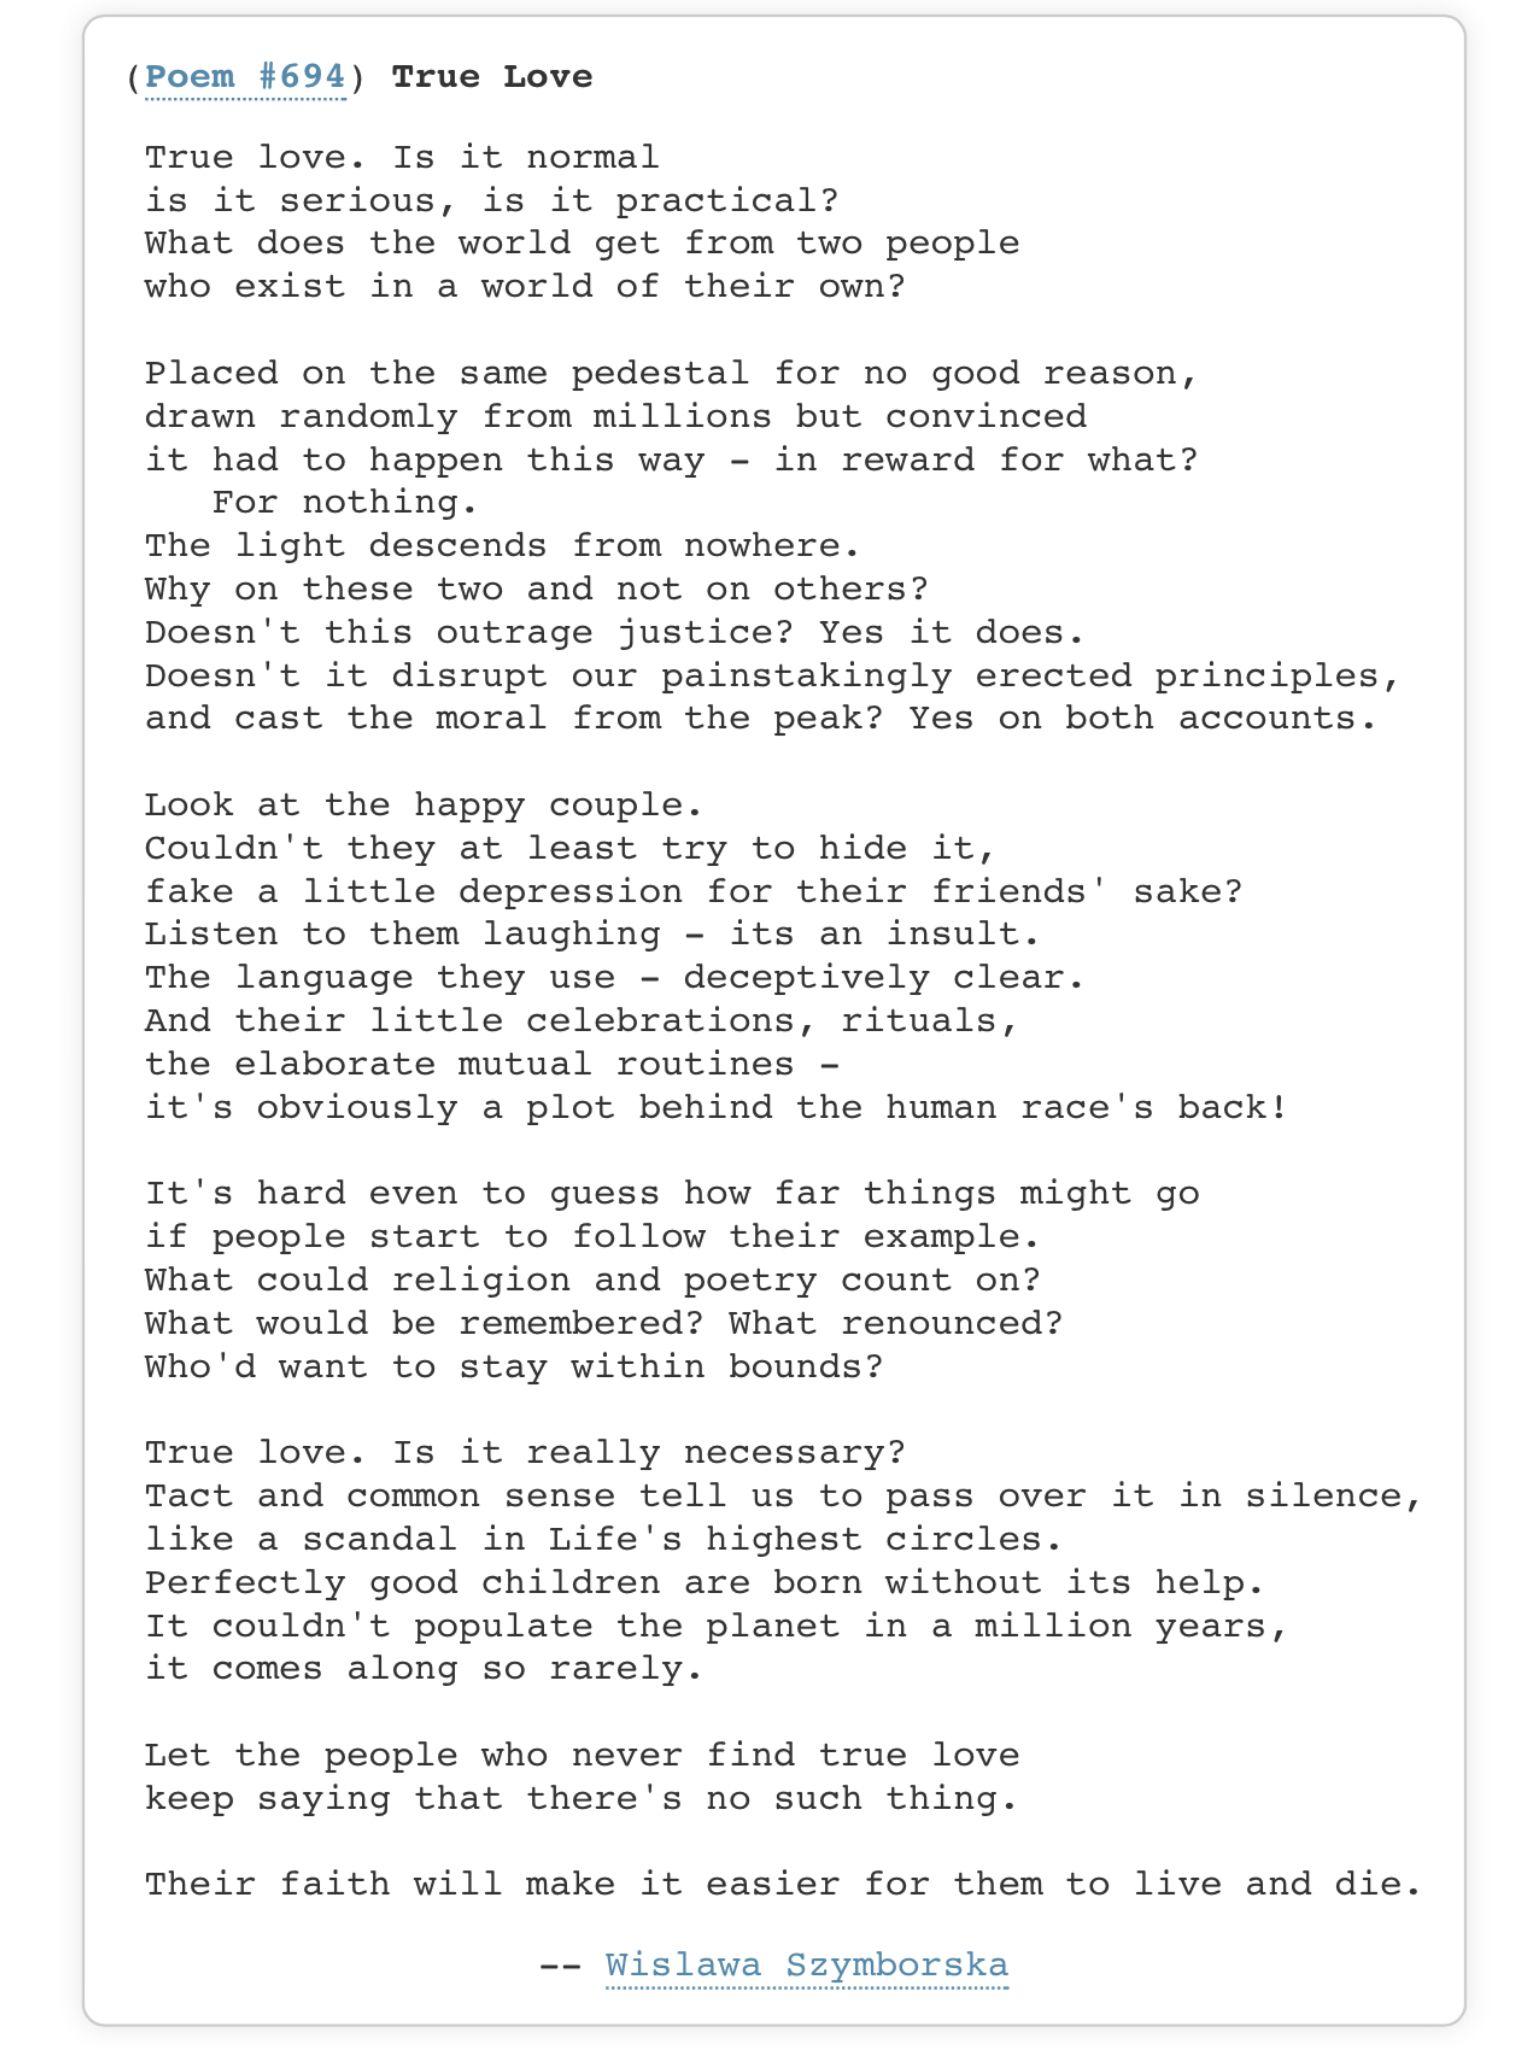 szymborska poems love textpoems org